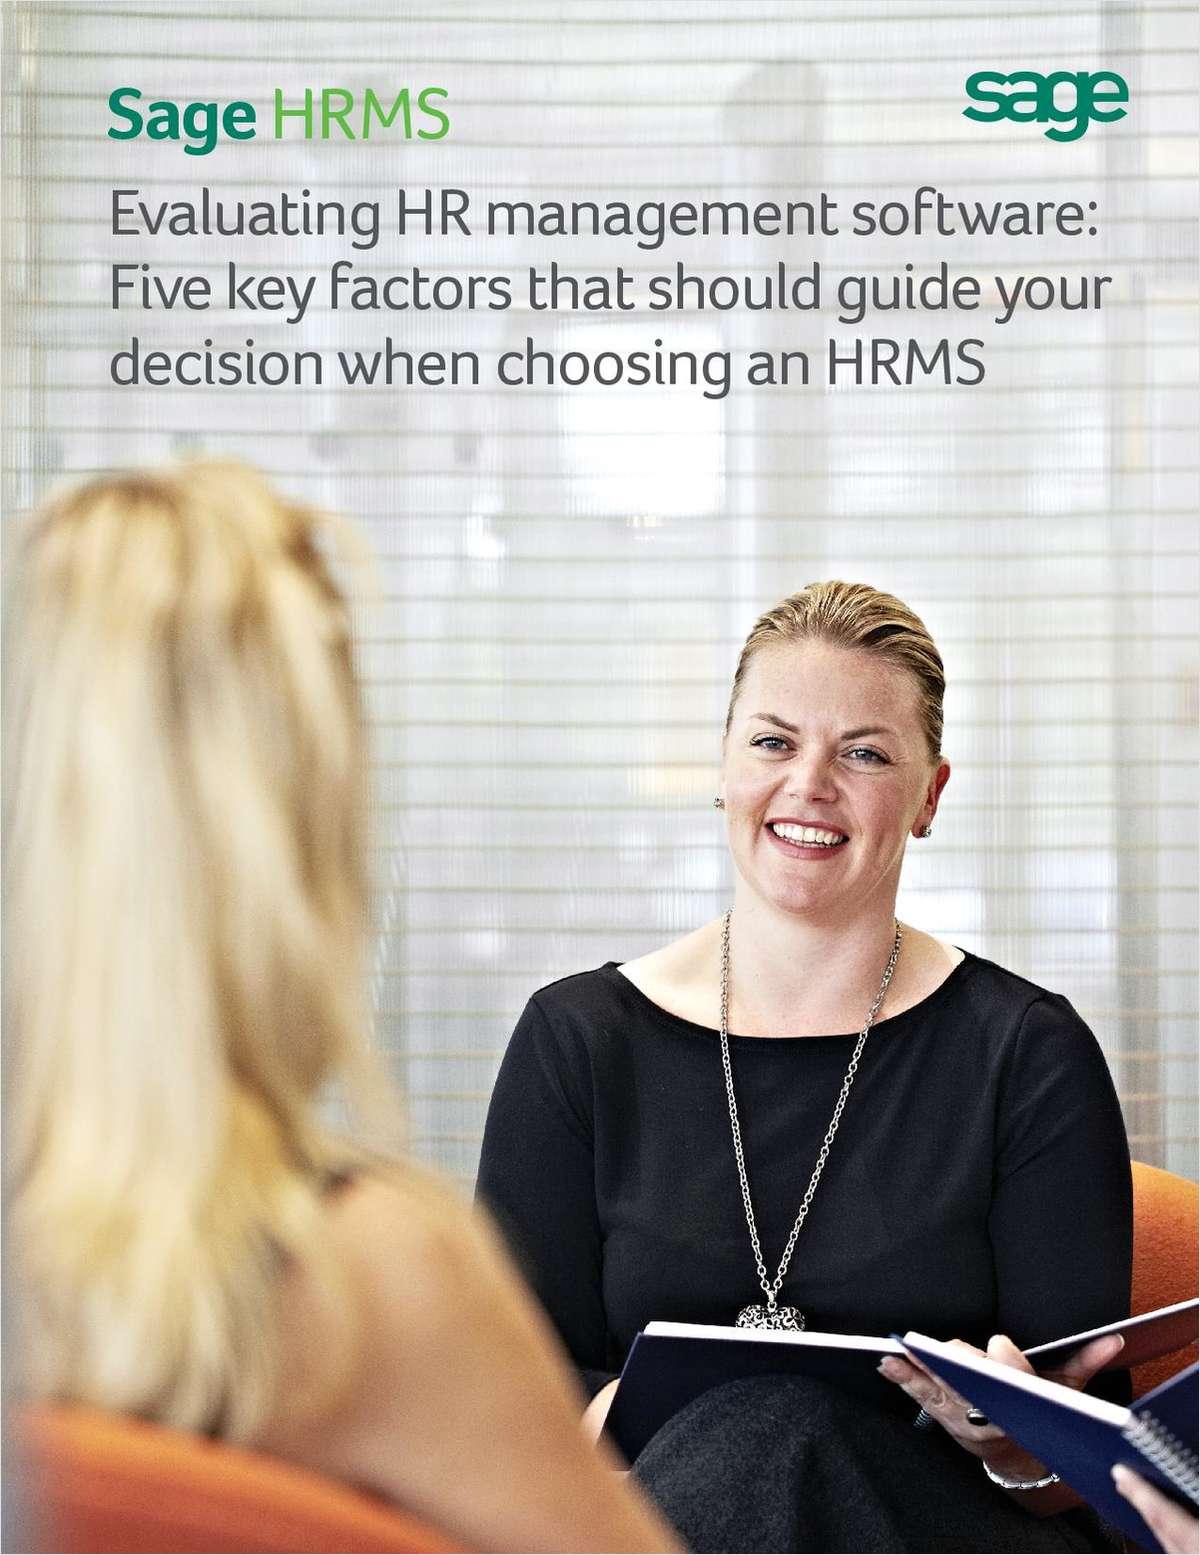 Five Key Factors that Should Guide Your Decision When Choosing HR Management Software